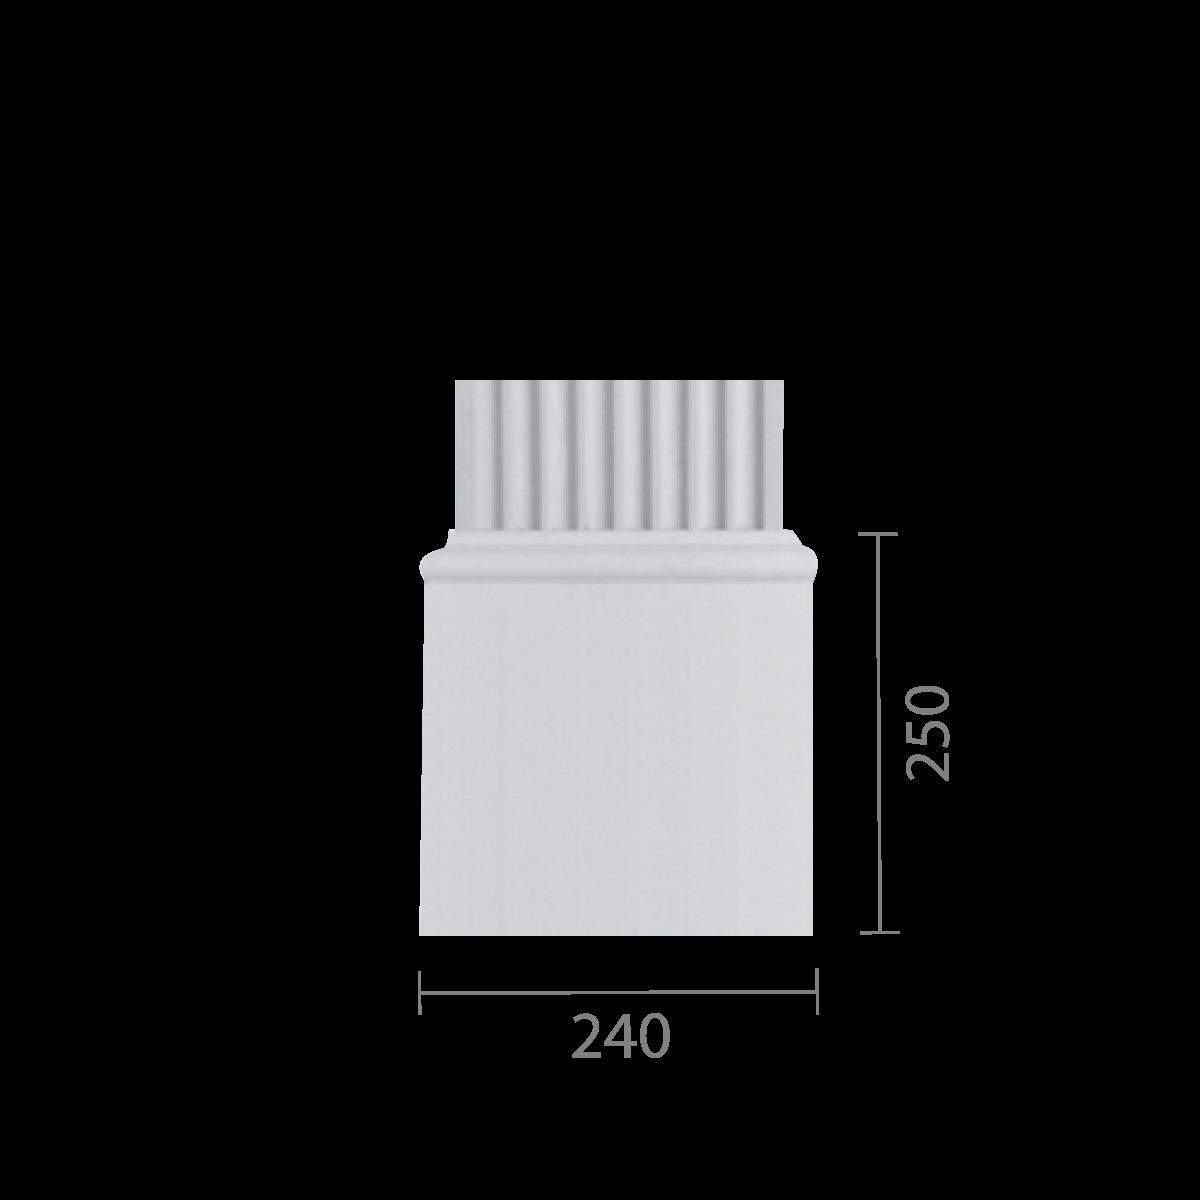 База колонны из гипса, гипсовая база для колонны   б-84а (пилястра)